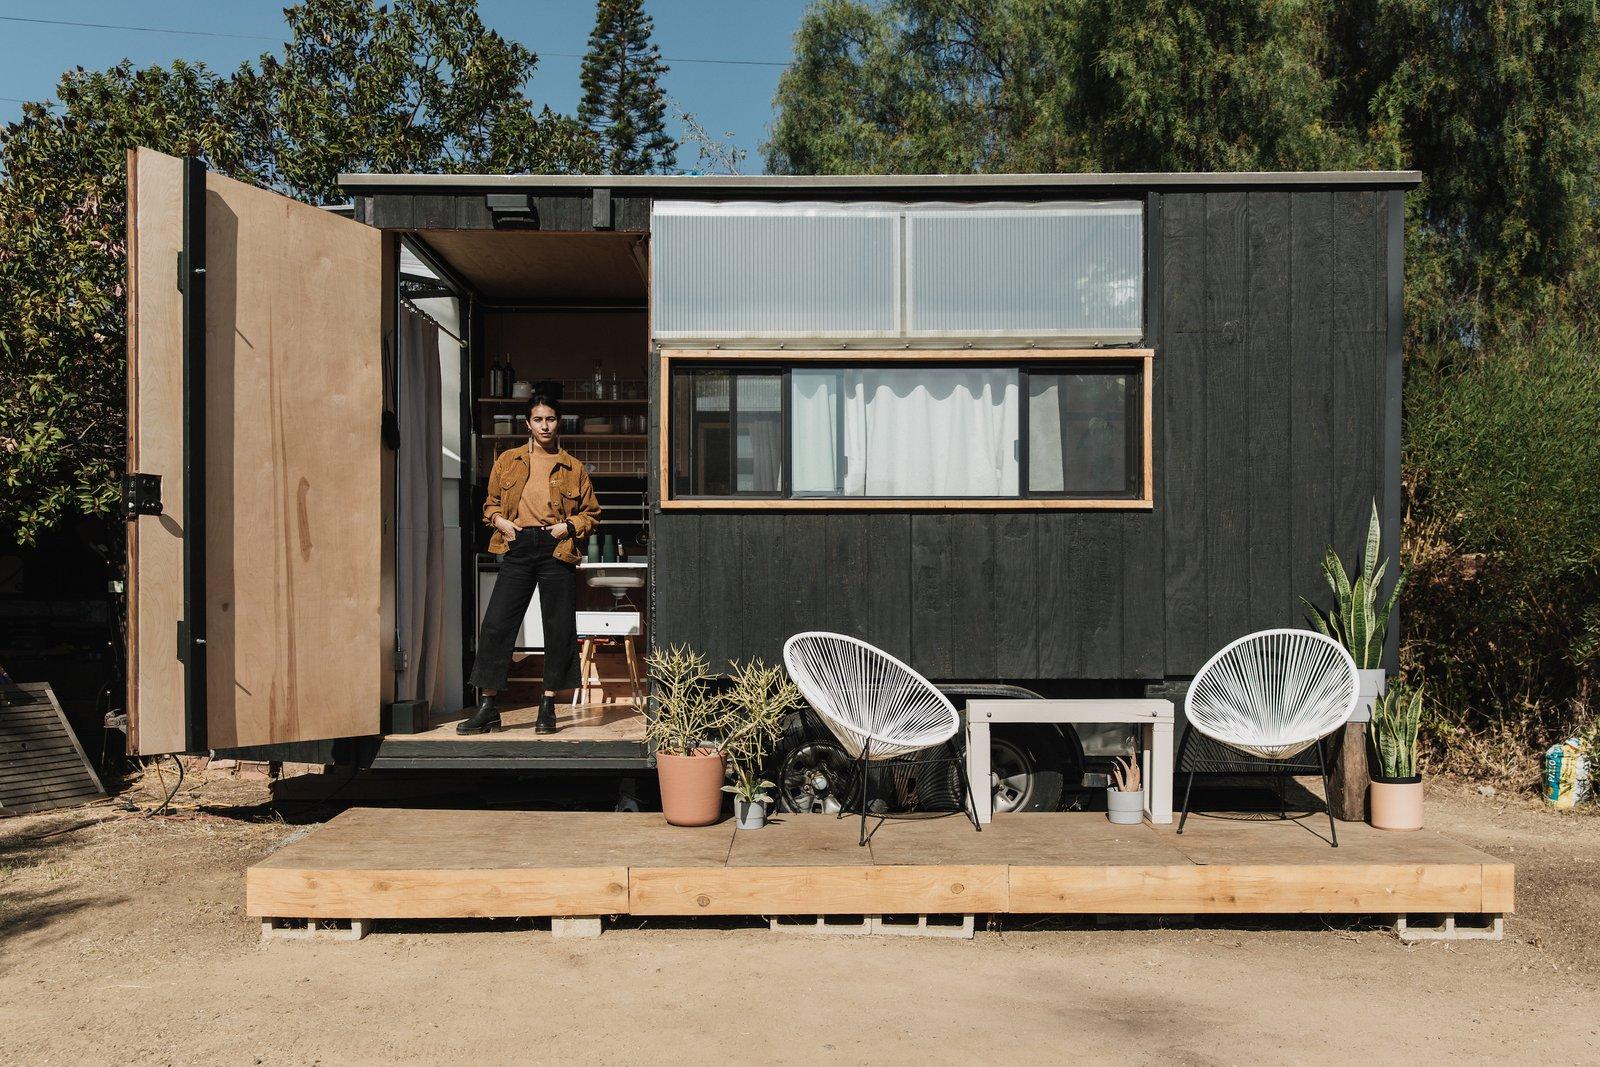 vivir en una casa pequeña prefabricada